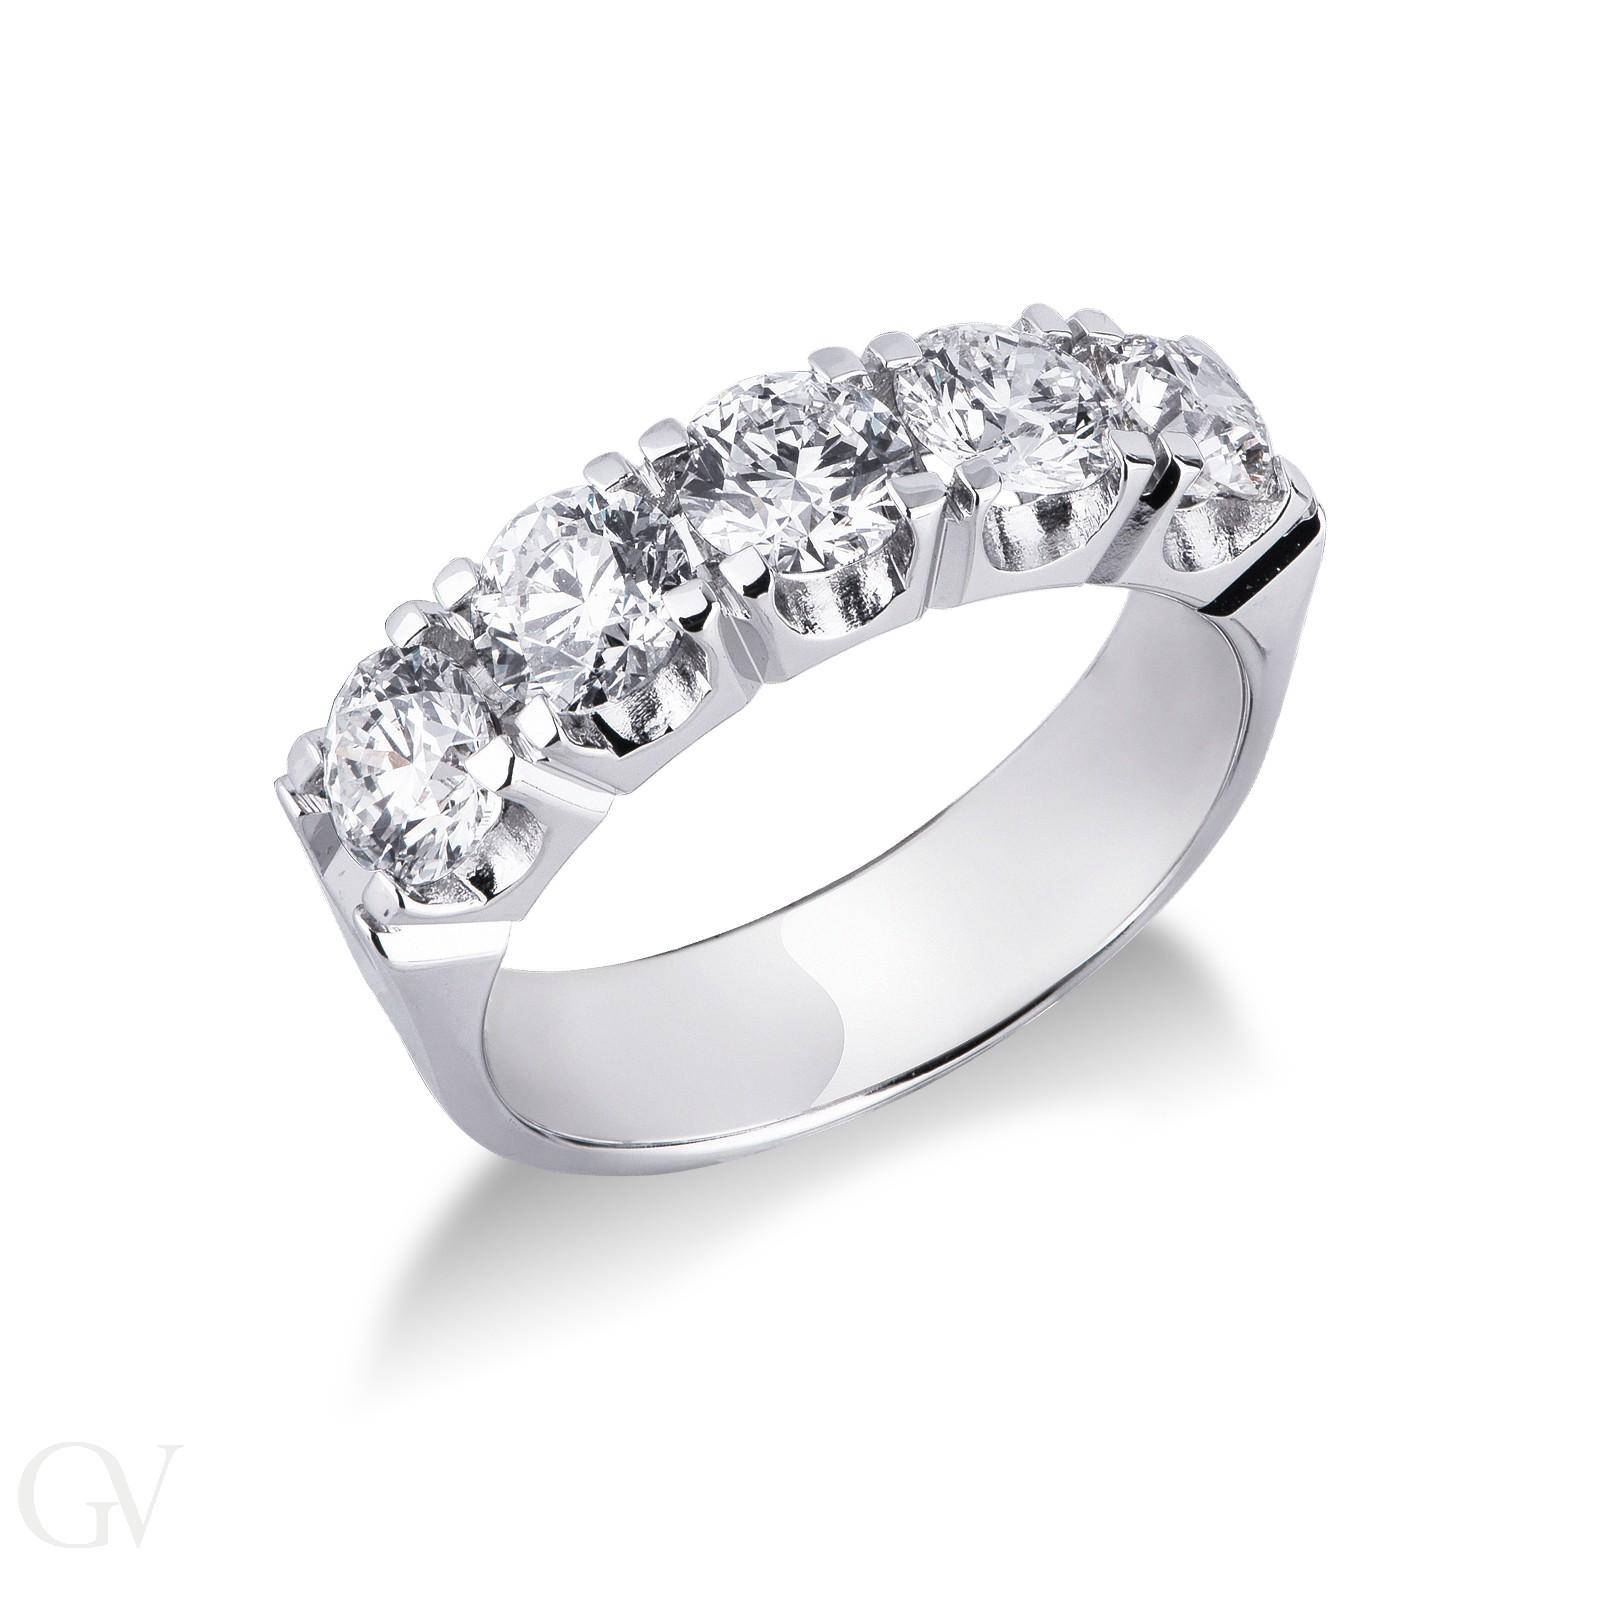 Anello Veretta a 5 pietre in Oro bianco 18k con diamanti ct. 2,00